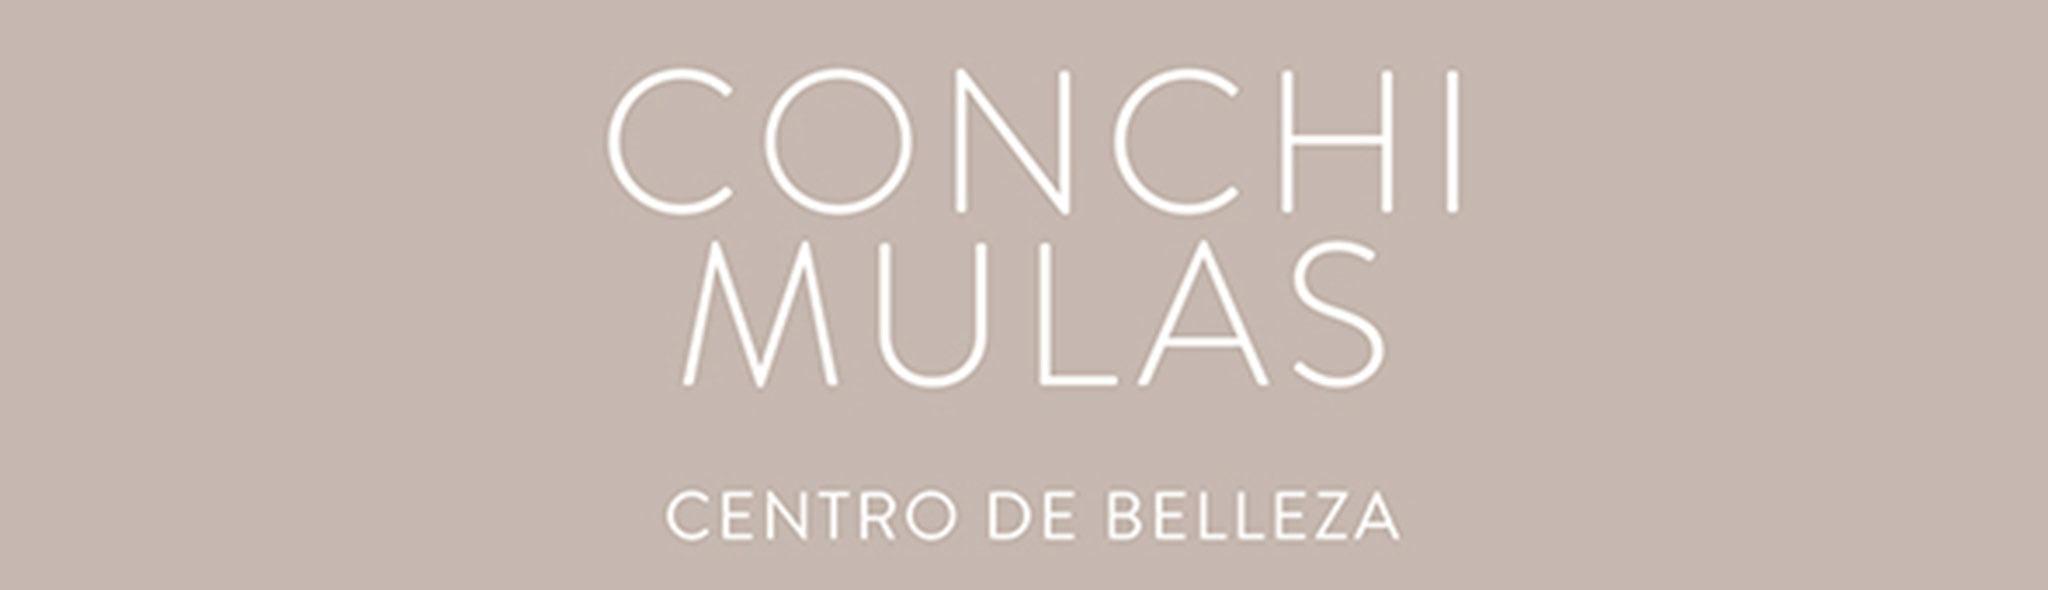 Logotipo de Centro de Belleza Conchi Mulas